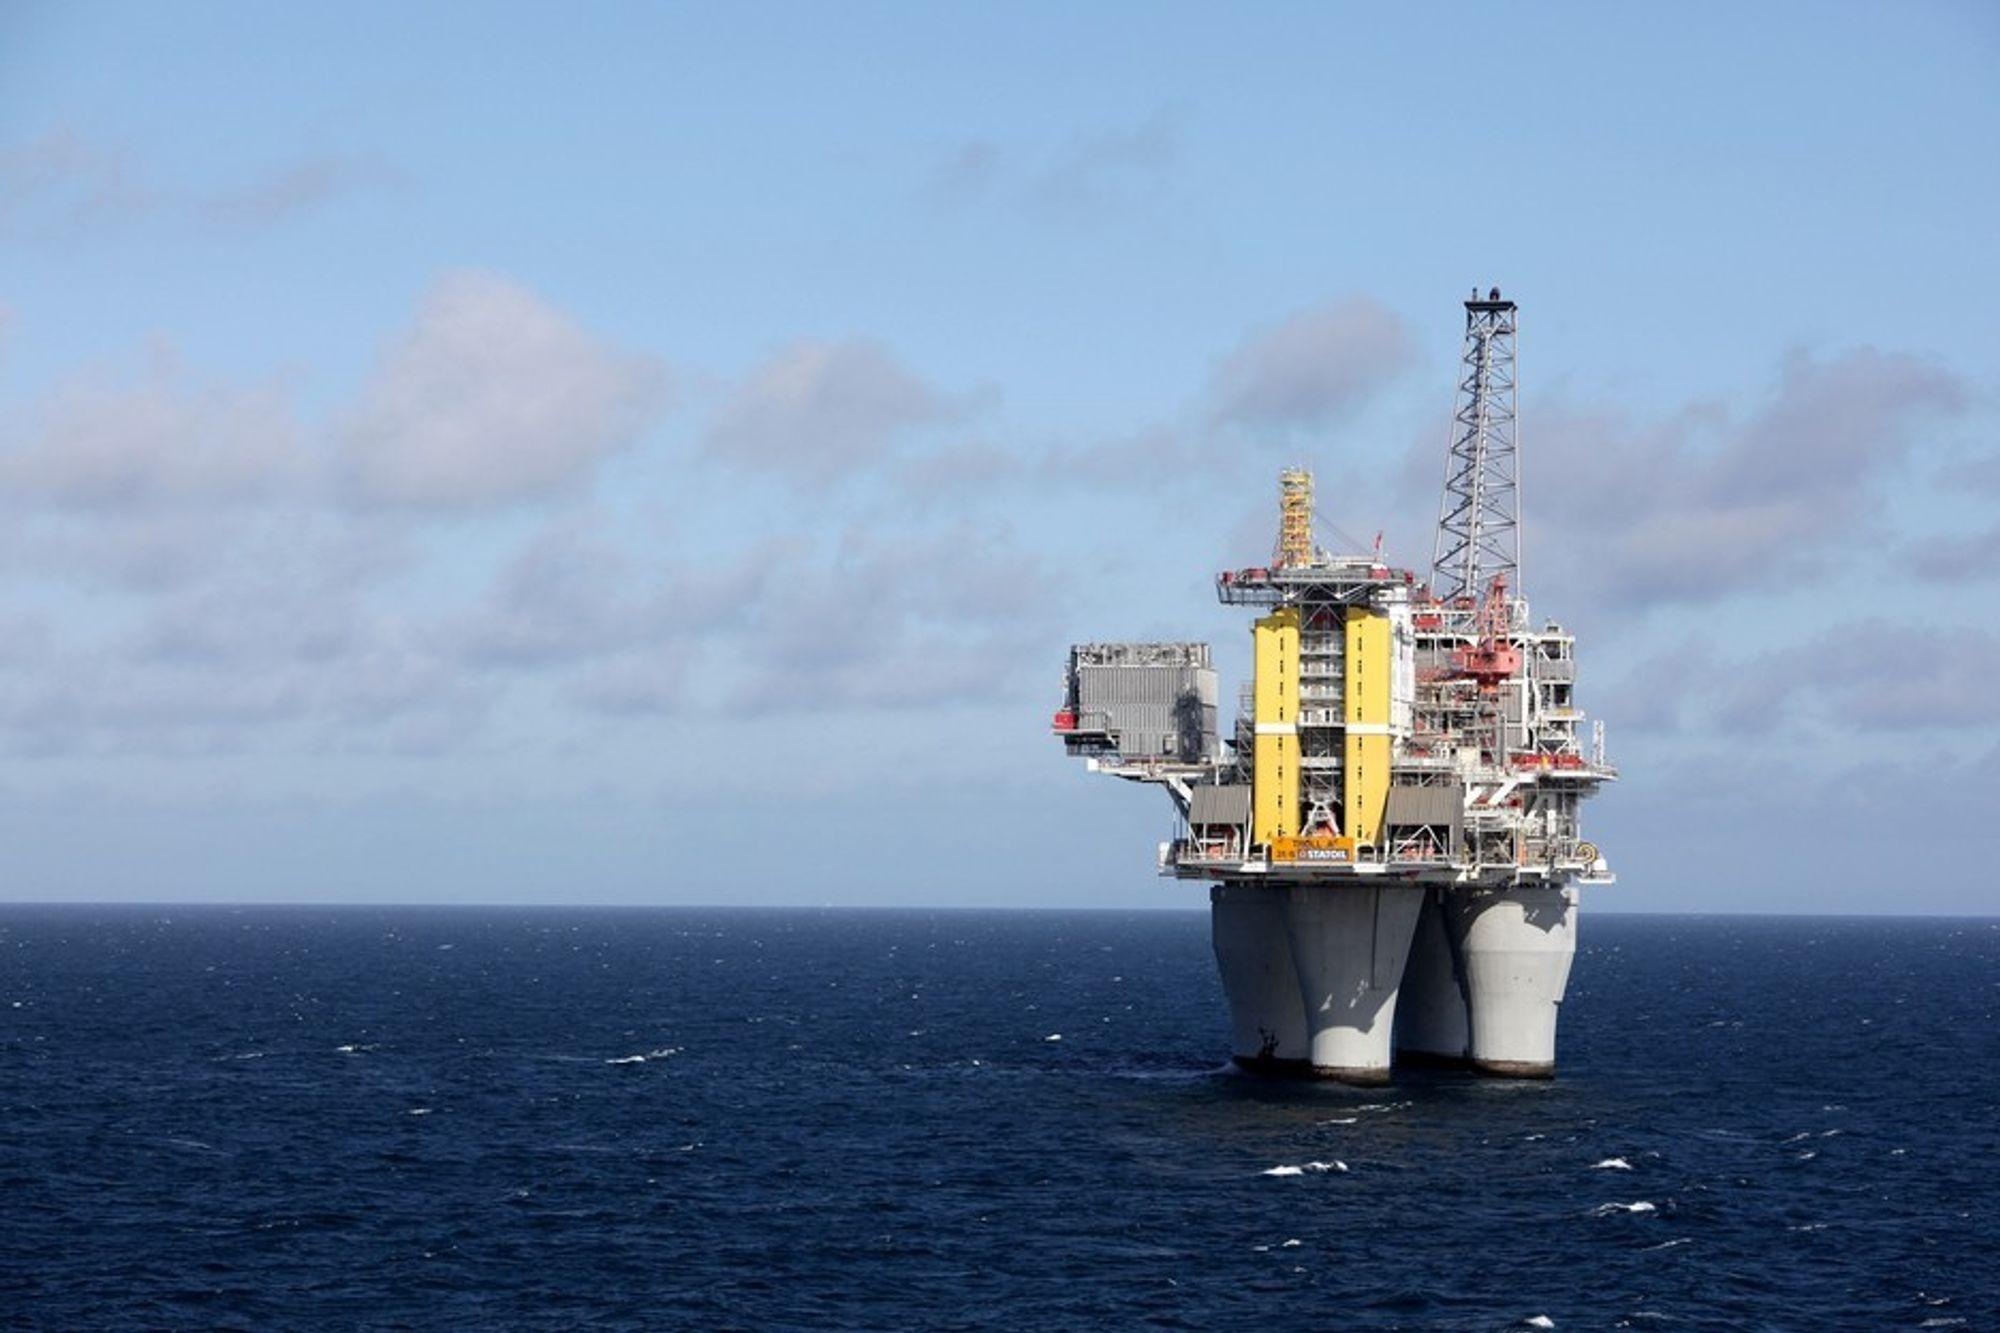 KUNNE TAPT MILLIARDER: Hvis ikke Olje- og energidepartementet hadde latt Statoil ta mer kraft fra strømnettet på land til Troll A, kunne Norge tapt milliarder av kroner i gassinntekter.